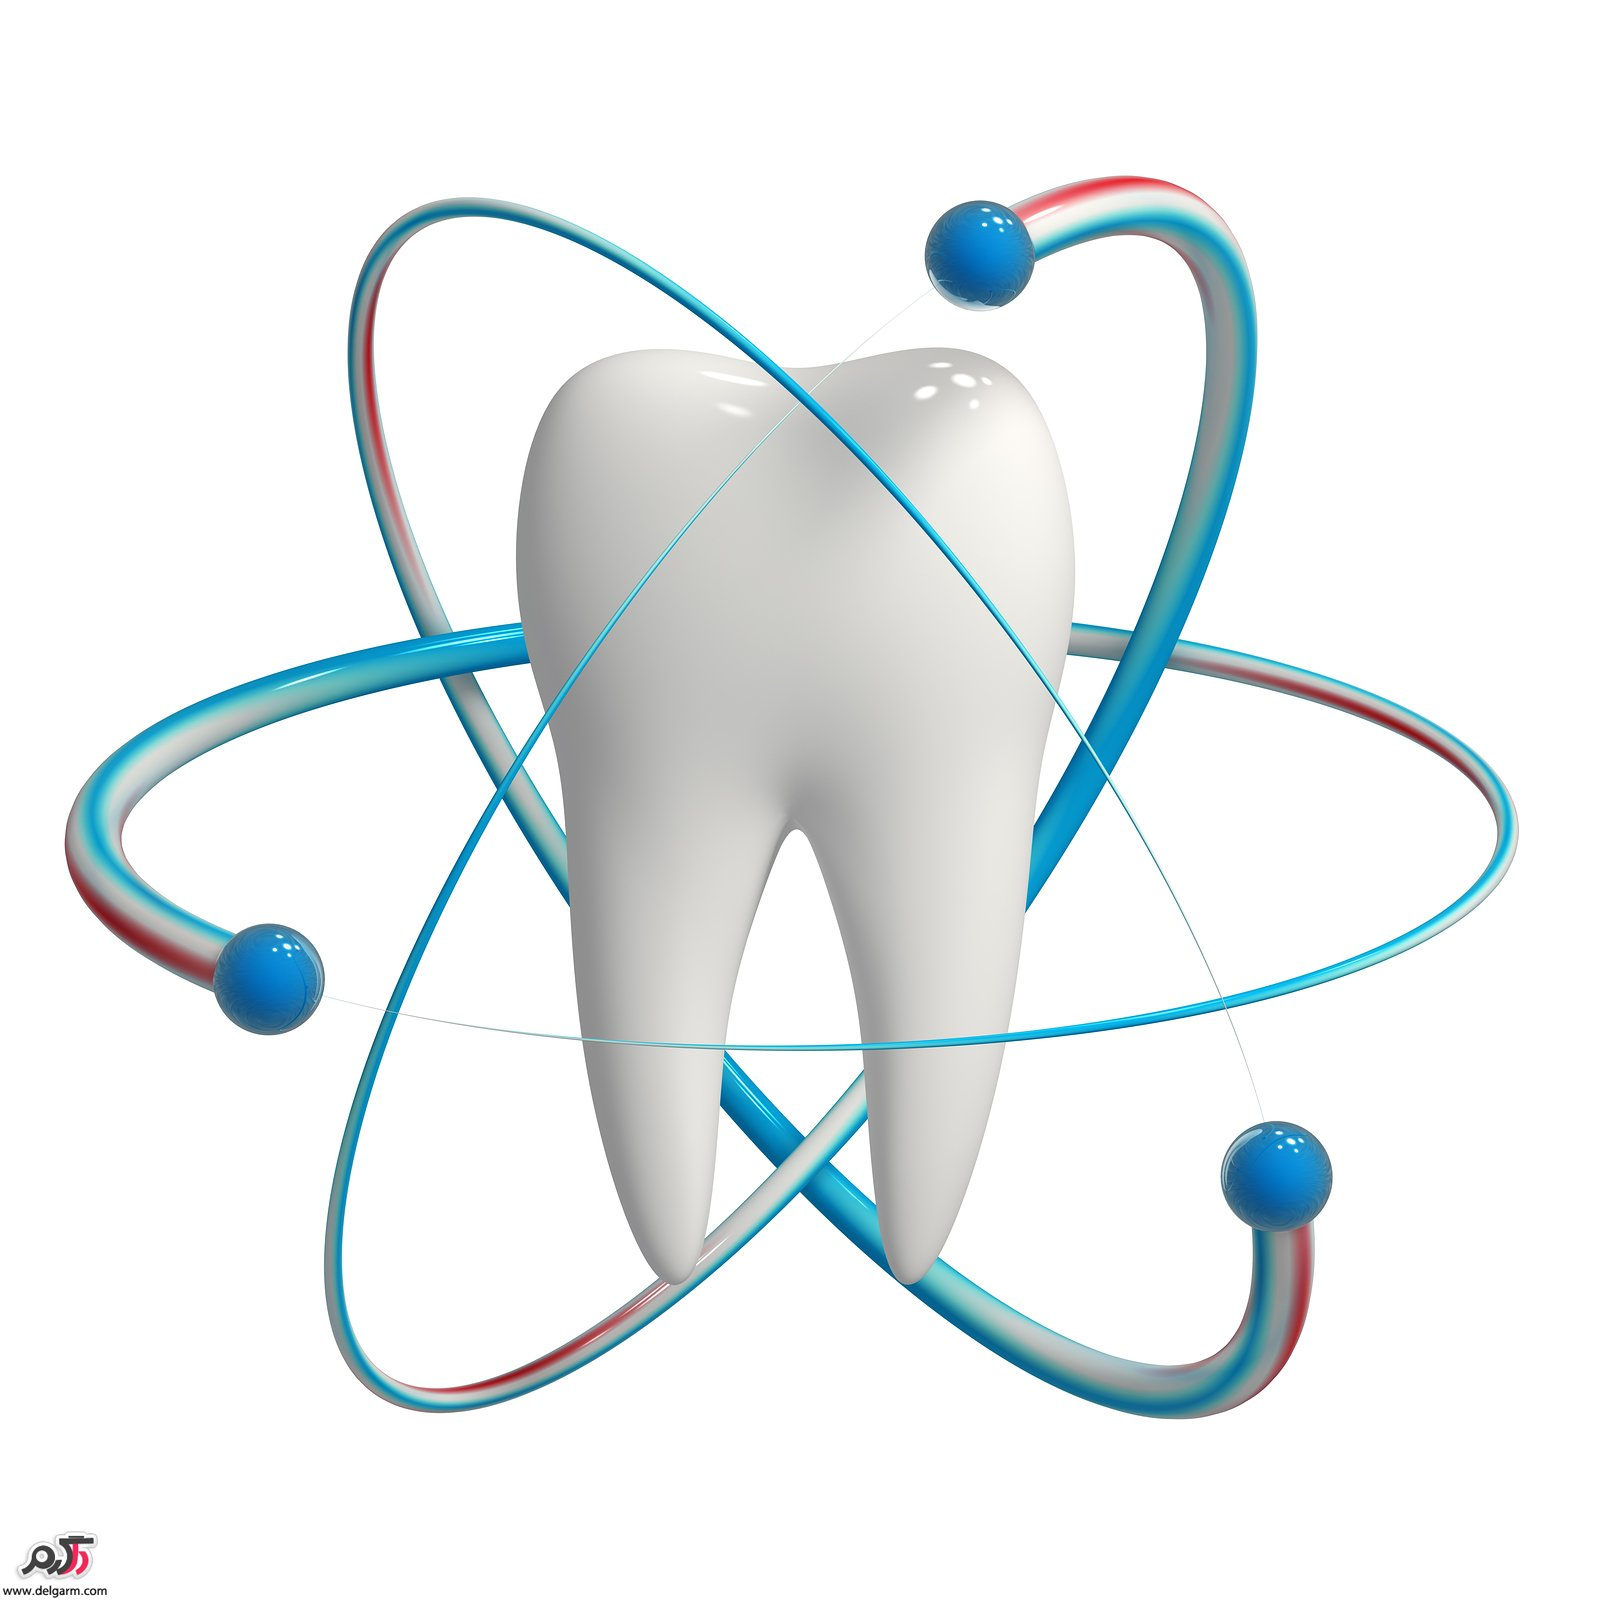 تعبیر دیدن دندان در خواب از نظر روایات اسلام